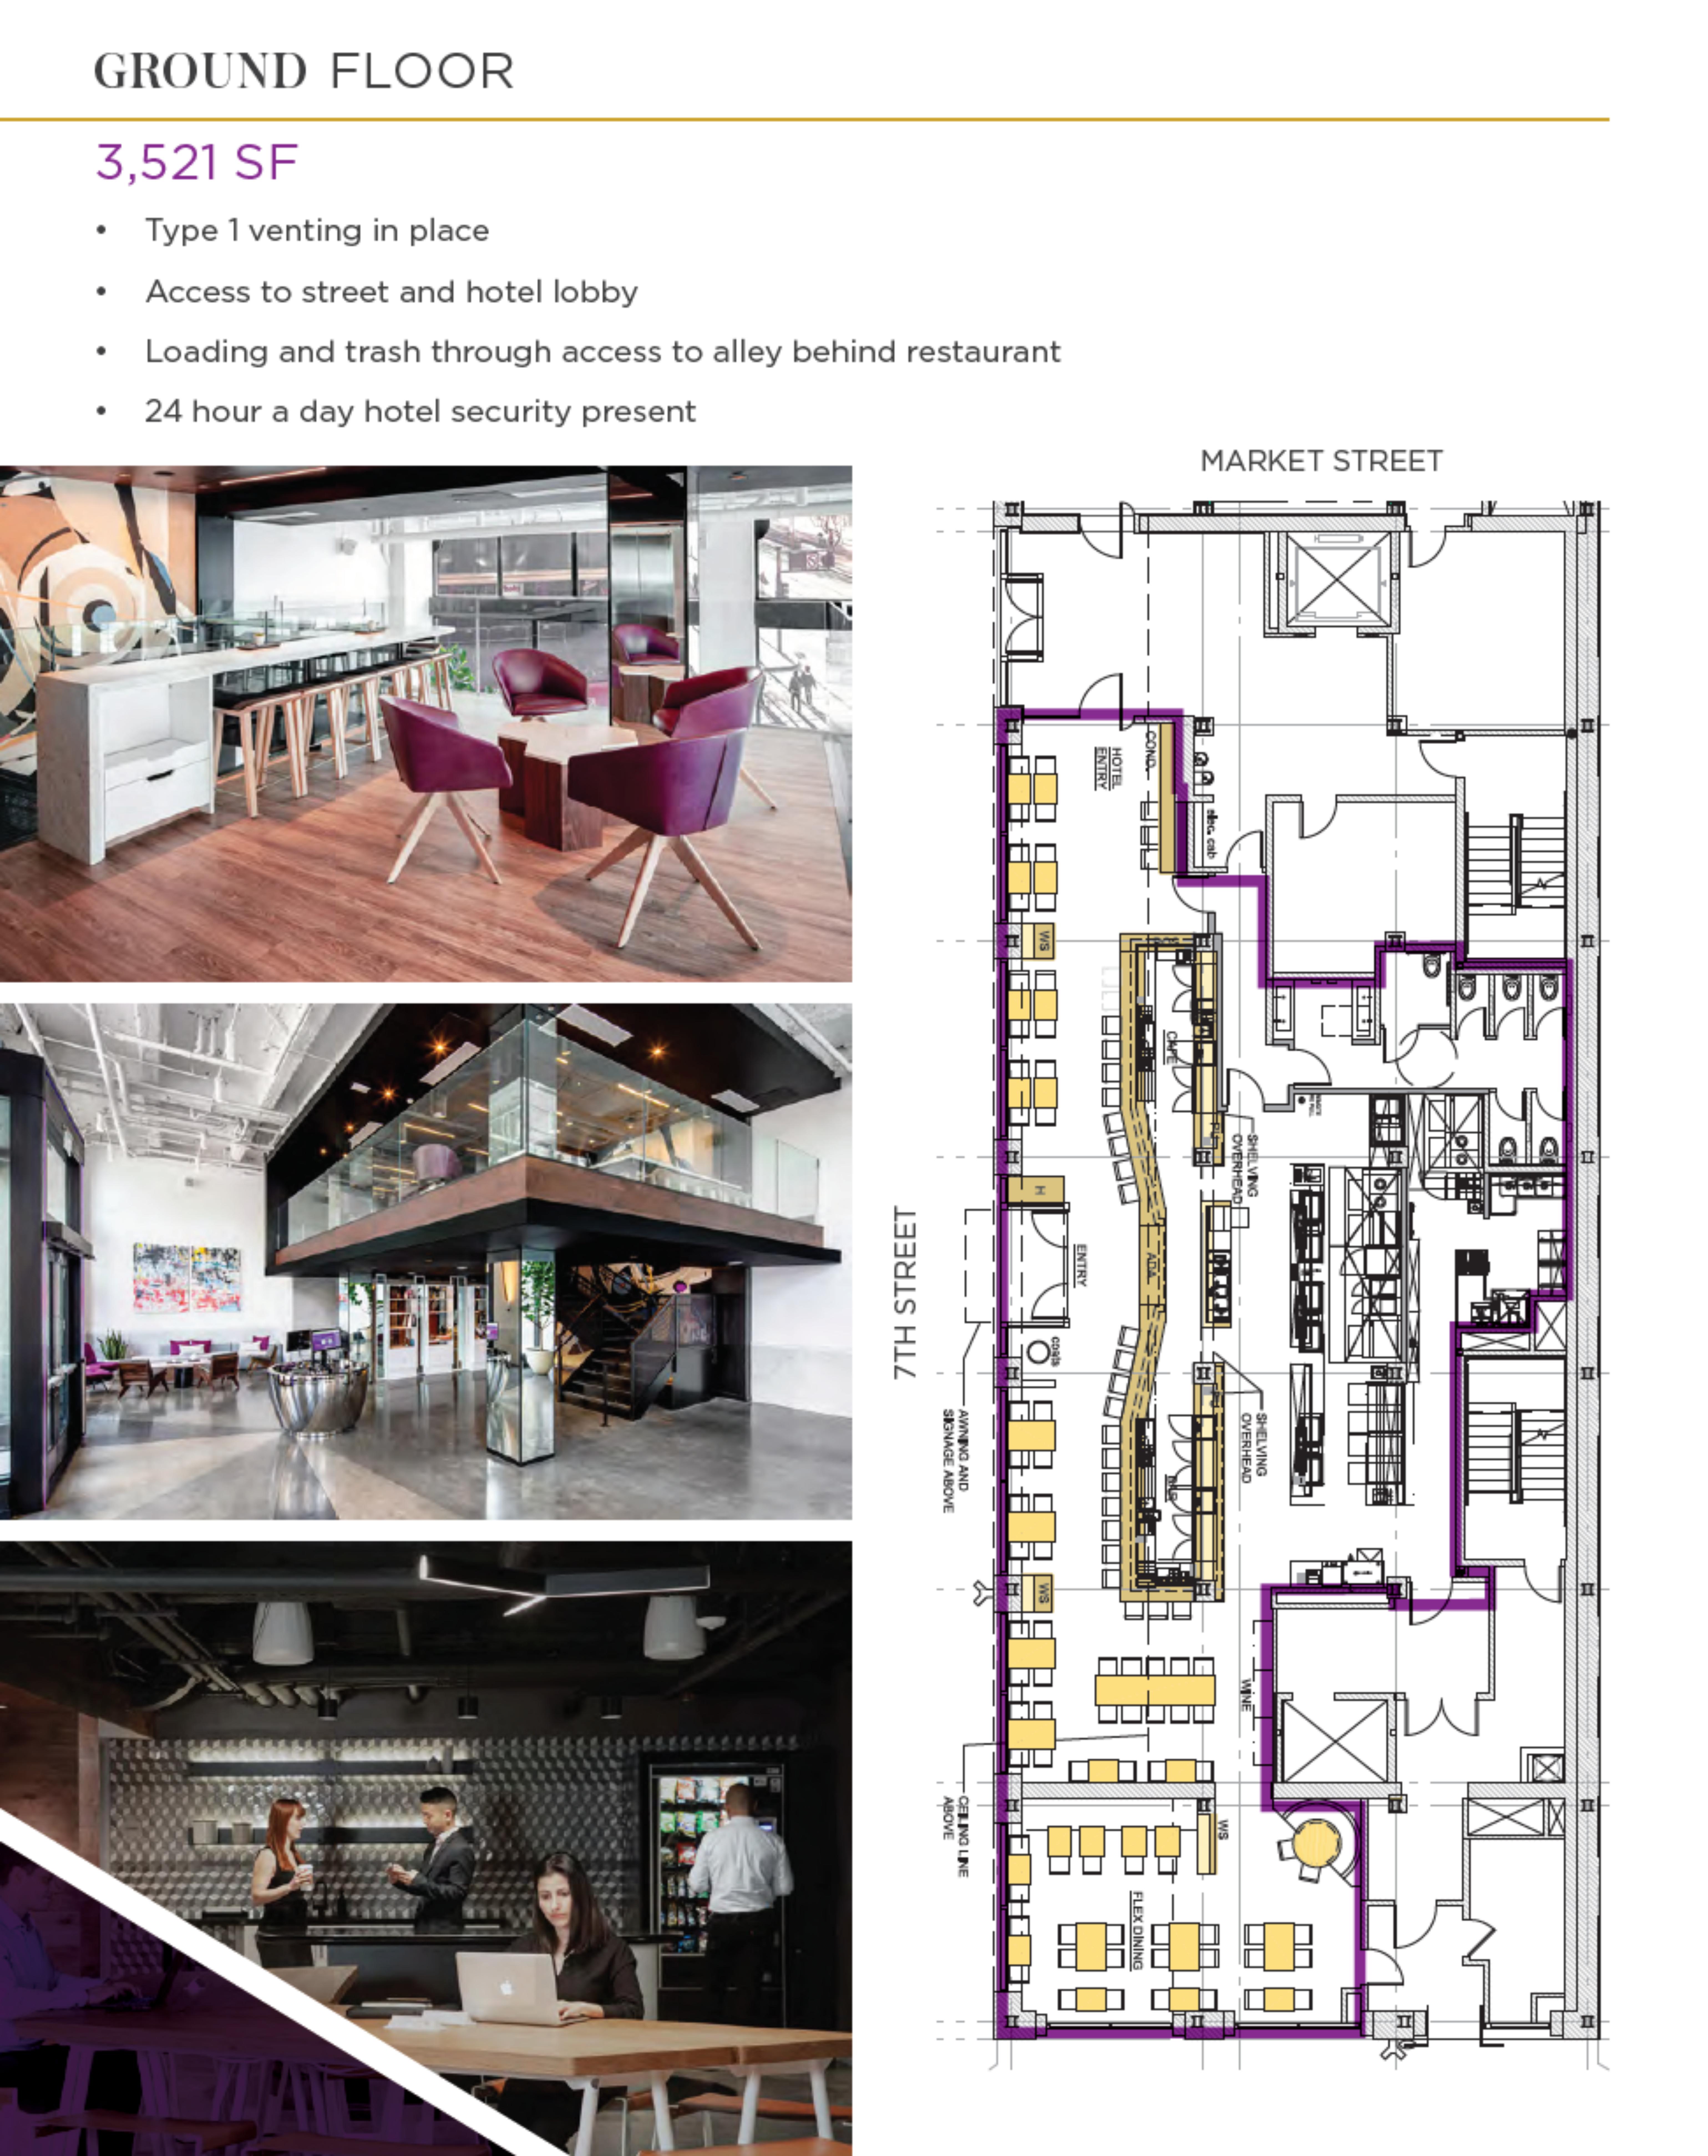 Yotel: site plan